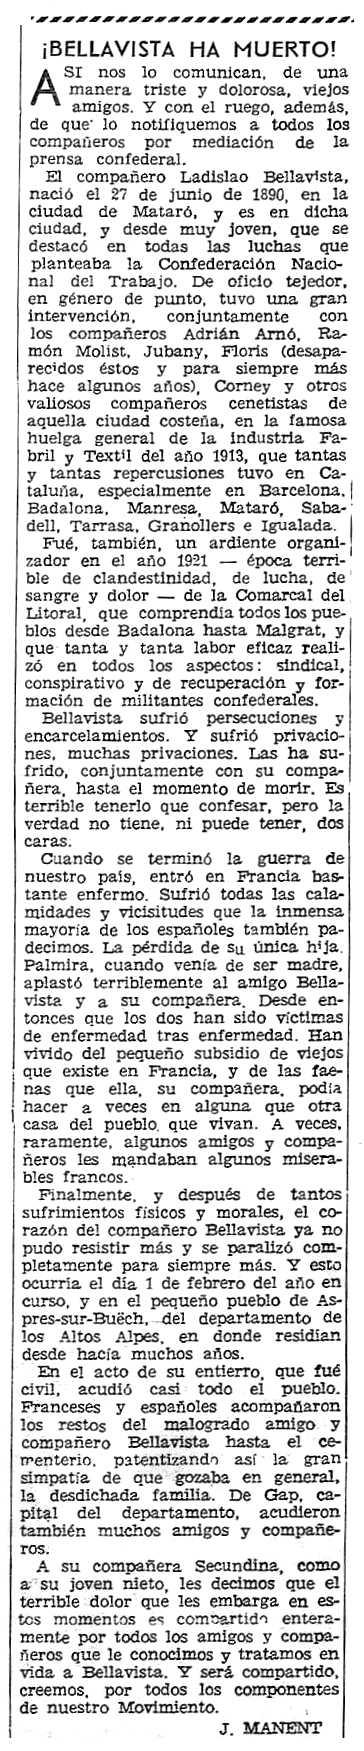 """Necrológica de Ladislao Bellavista Gual aparecida en el periódico parisino """"Solidaridad Obrera"""" del 23 de febrero de 1961"""